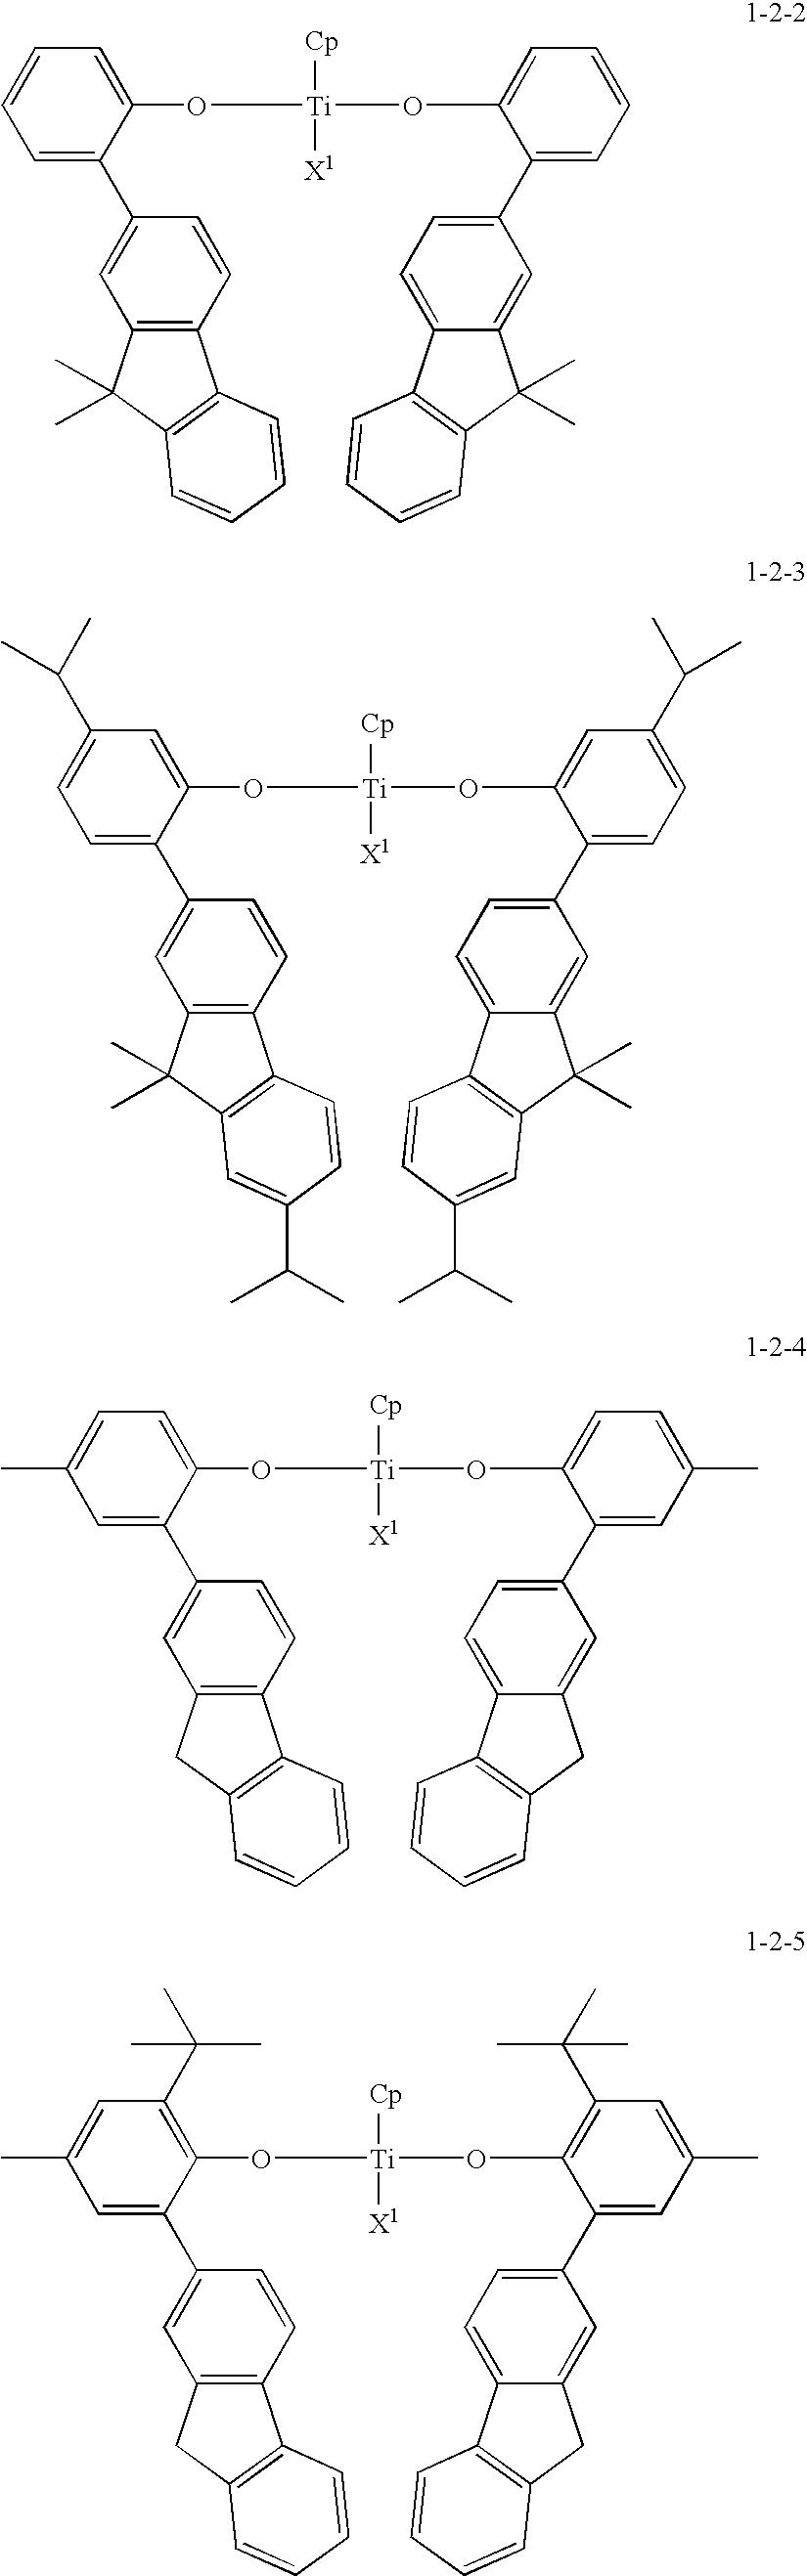 Figure US20100081776A1-20100401-C00078